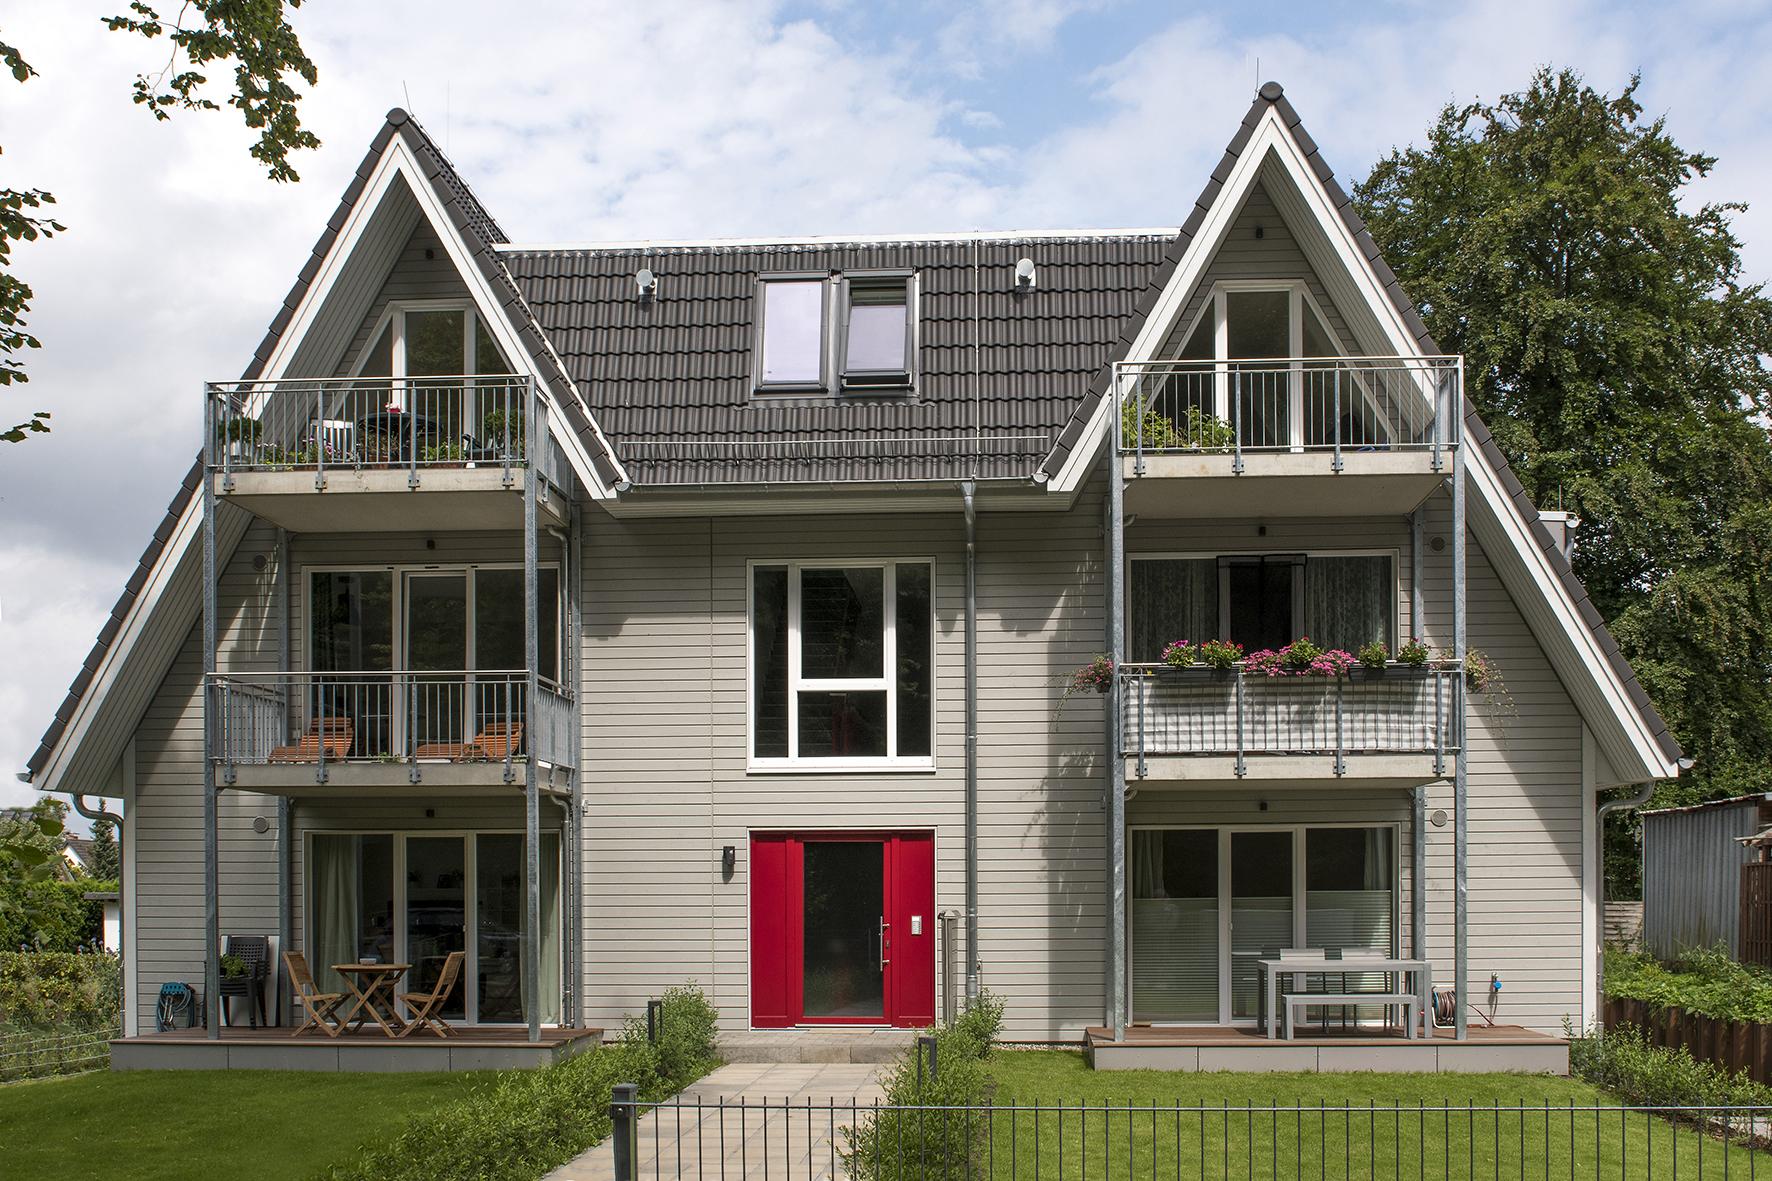 zimmerei stamer gmbh co kg allgemeine bauunternehmen l beck deutschland tel 045151. Black Bedroom Furniture Sets. Home Design Ideas